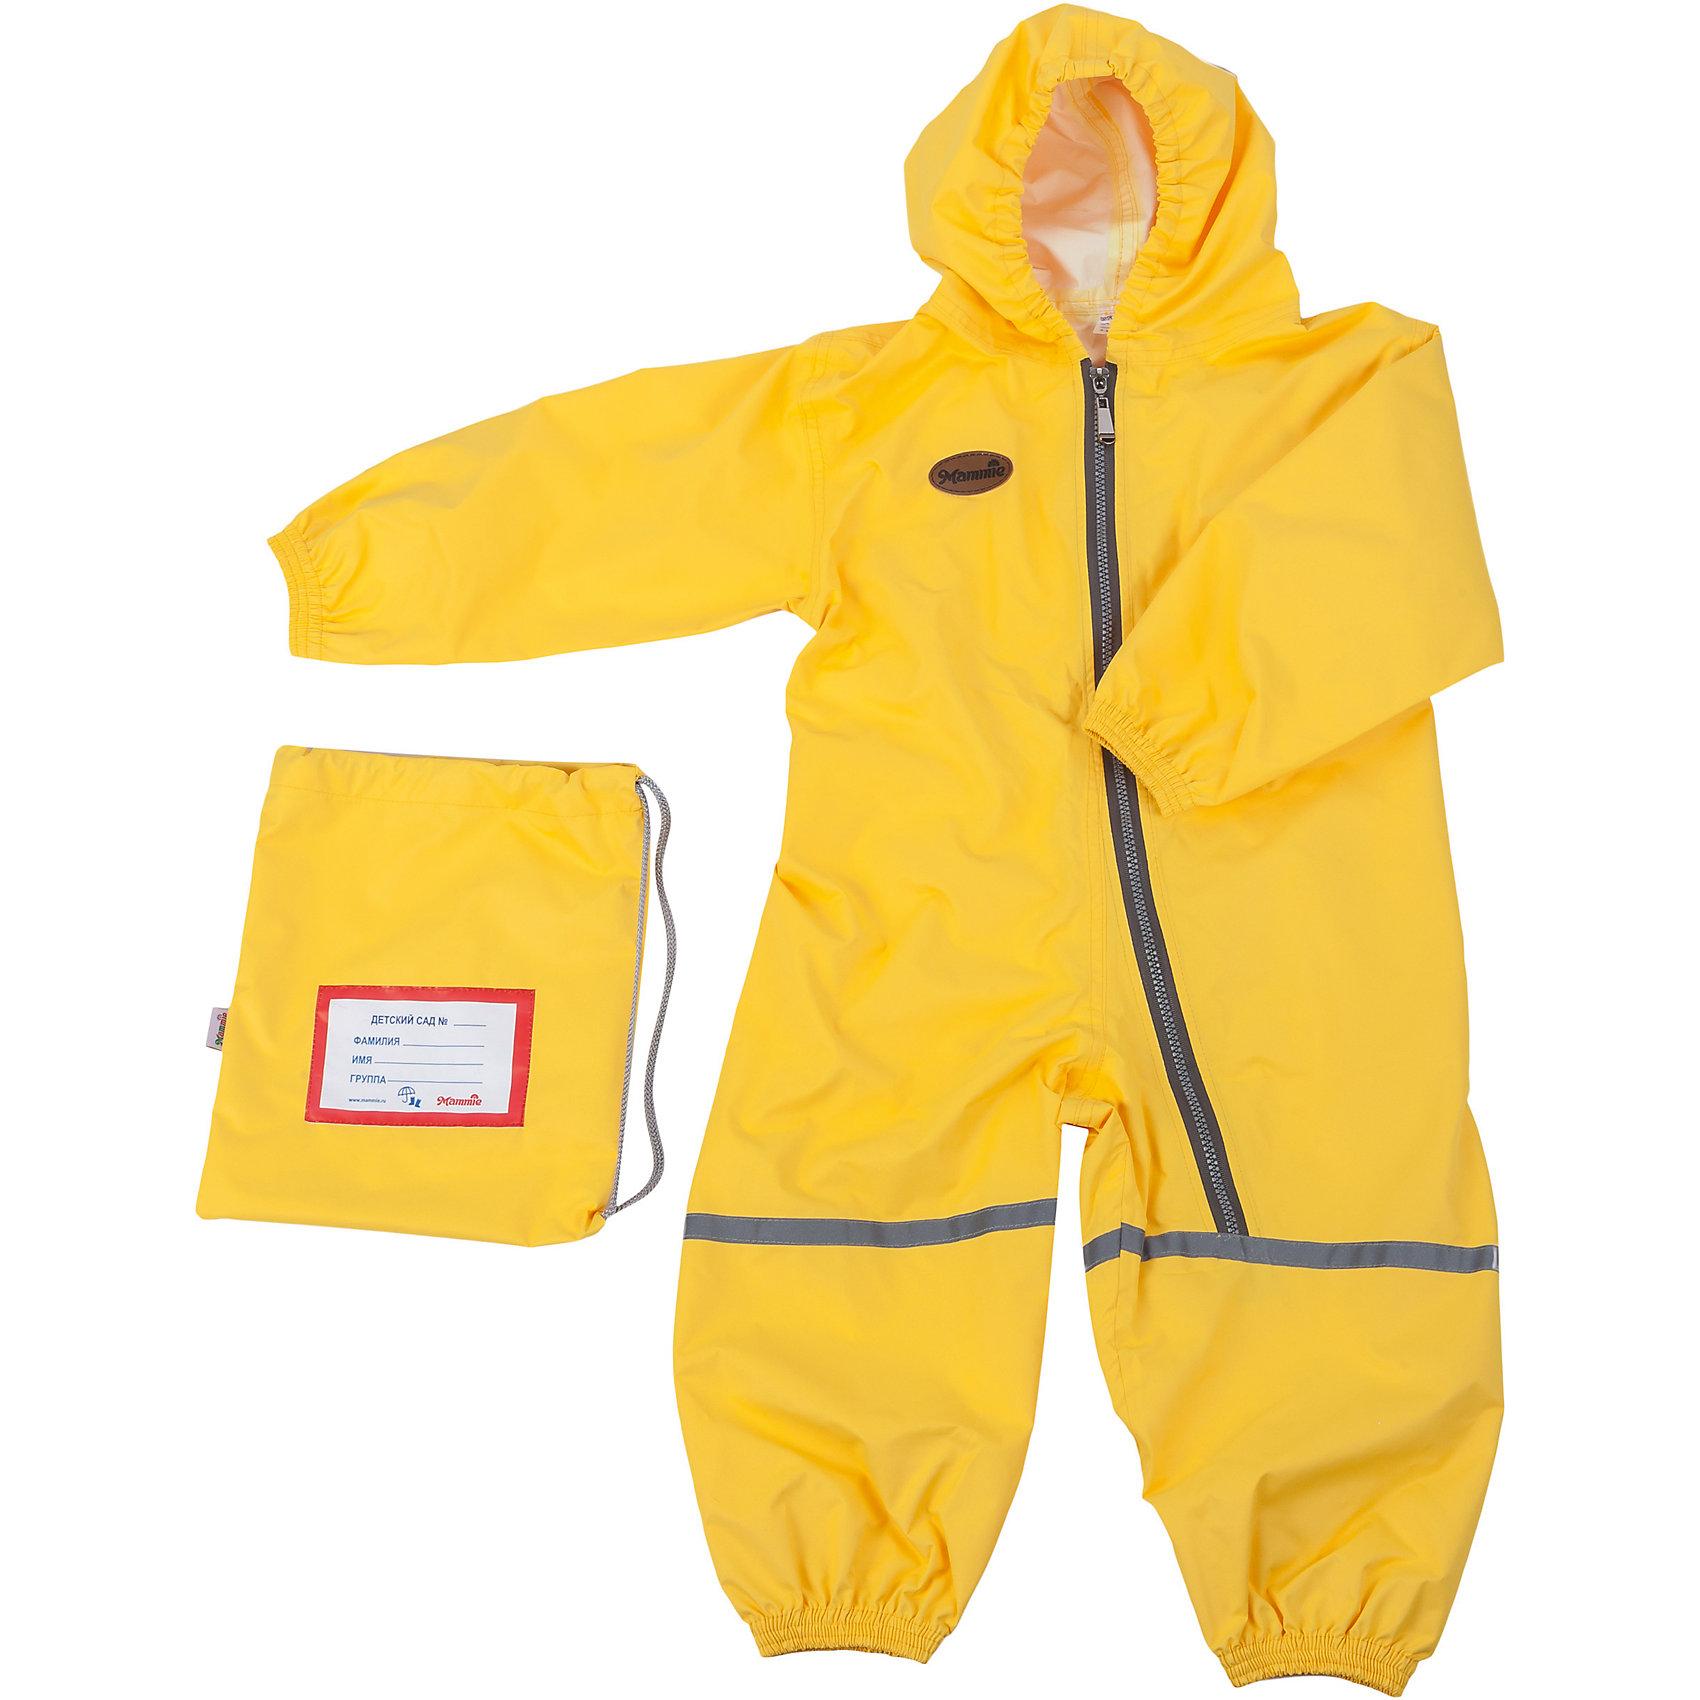 Комбинезон грязезащитный, р-р 3-4,мембрана, Mammie, желтыйВерхняя одежда<br>Комбинезон грязезащитный, р-р 3-4,мембрана, Mammie, желтый.<br><br>Характеристики:<br><br>• Для детей от 3 до 4 лет (рост 104-110 см.)<br>• Комплектация: комбинезон, мешочек с именной нашивкой<br>• Сезон: весна, лето, осень<br>• Температурный диапазон: от -5°С до +25°С<br>• Цвет: желтый<br>• Материал: мембрана - 100% полиэстер<br>• Водонепроницаемость: 3000 мм. <br>• Дышащие свойства: 3000 гр/кв.м/24ч<br>• Уход: машинная стирка при 30°С<br>• Размер упаковки: 20х30х5 см.<br>• Вес: 200 гр.<br><br>Детский грязезащитный, 100% непромокаемый дышащий комбинезон одевается поверх любой верхней одежды. Комбинезон утянут в поясе при помощи резинки. Глубокая молния позволяет ребенку самостоятельно надеть комбинезон. Ткань комбинезона не препятствует воздухообмену. Швы проклеены водозащитной лентой. Светоотражающие элементы повышают безопасность ребенка в темное время суток. Комбинезон отлично подходит для прогулок в детском саду в осенне-весенний период с грязью, лужами и слякотью. Легко стирается и моментально сохнет. Упакован в индивидуальный мешочек с именной нашивкой, который можно подвесить в шкафчик ребенка.<br><br>Комбинезон грязезащитный, р-р 3-4,мембрана, Mammie, желтый можно купить в нашем интернет-магазине.<br><br>Ширина мм: 200<br>Глубина мм: 300<br>Высота мм: 50<br>Вес г: 200<br>Возраст от месяцев: 36<br>Возраст до месяцев: 48<br>Пол: Унисекс<br>Возраст: Детский<br>SKU: 5613243